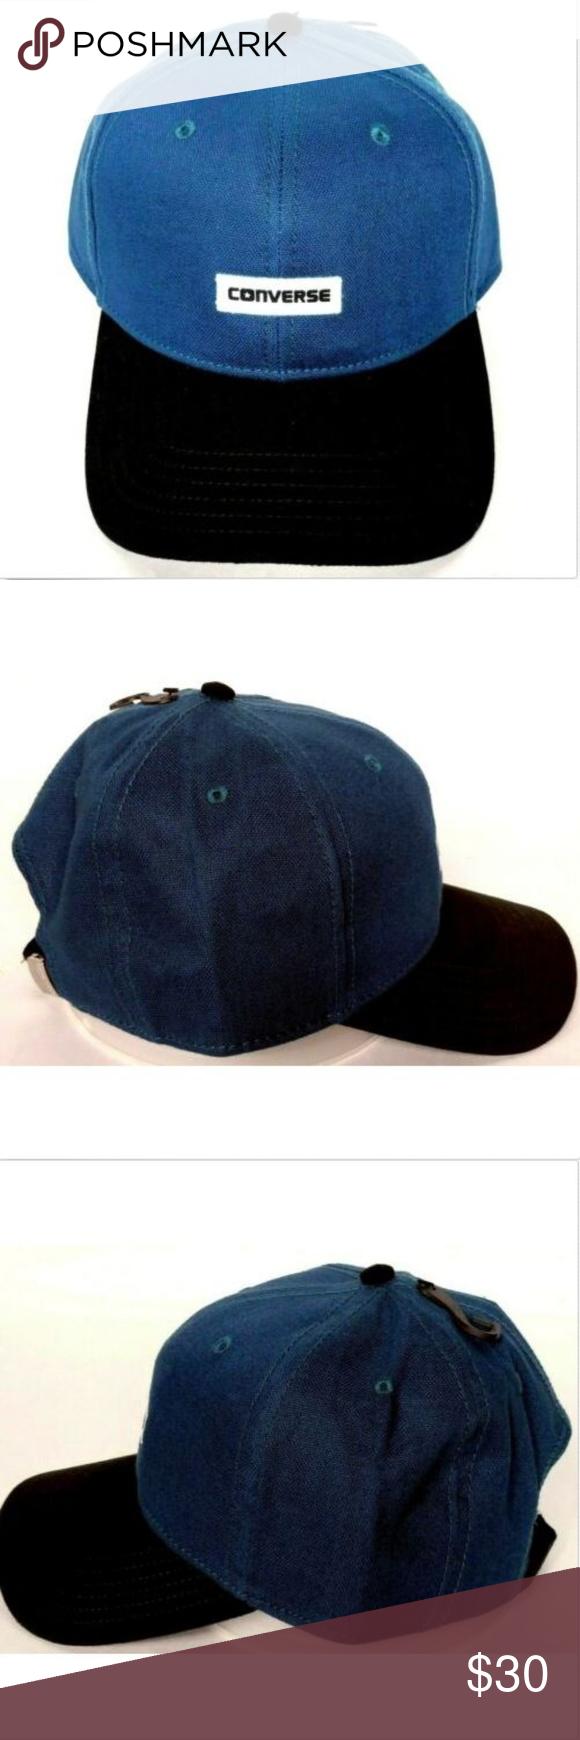 182d3a451d267 Converse Men s Black Blue Logo Cap Strapback Hat Converse Men s Black Blue  Logo Baseball Cap Strapback